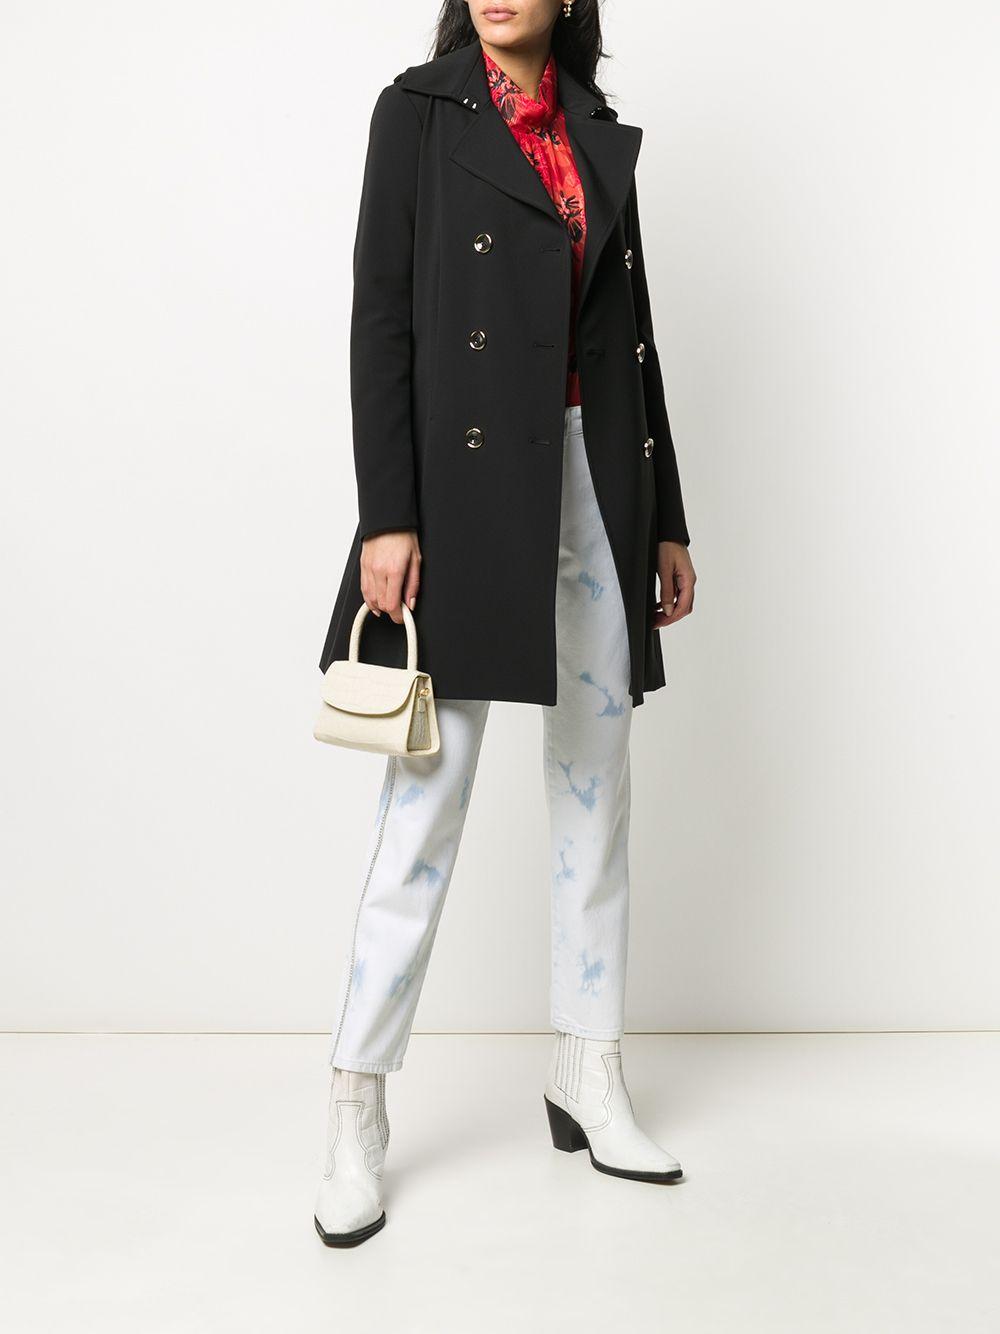 Cappotto doppiopetto, l'acquisto per l'Autunno 2021